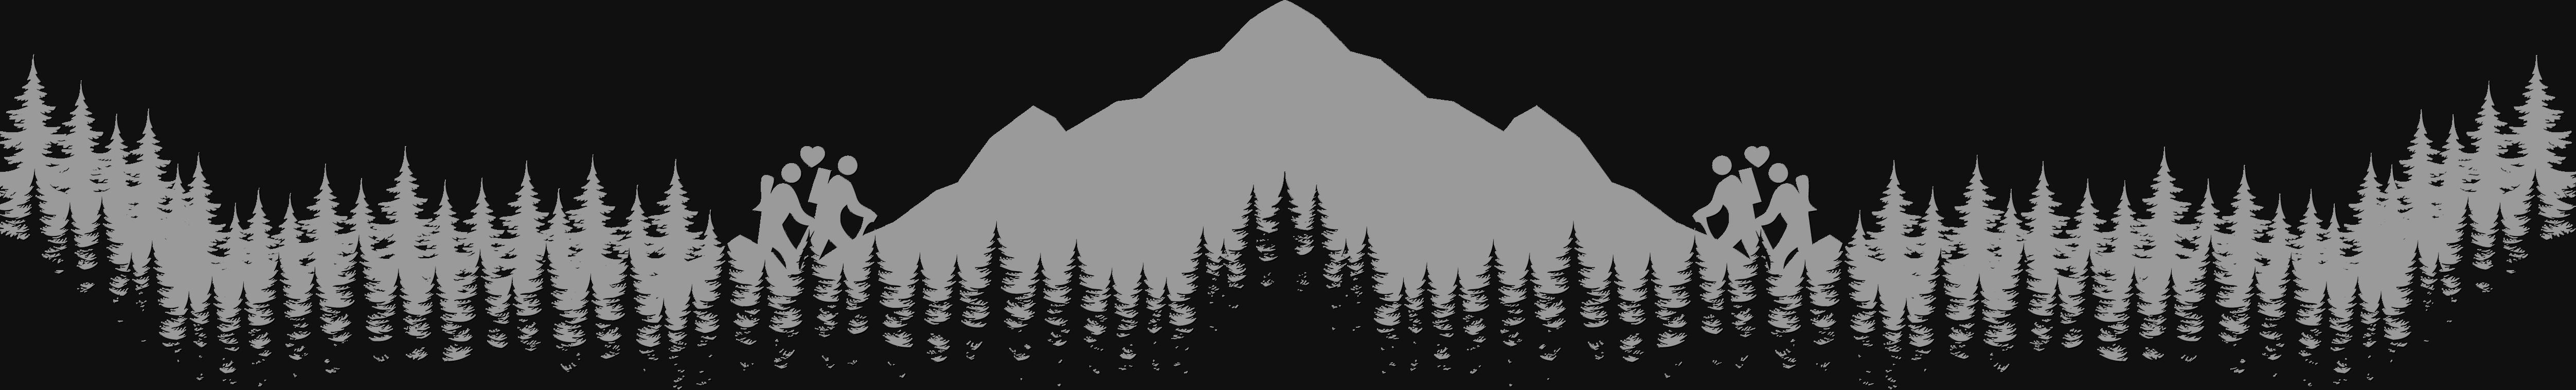 Footer von hafo.co.at, eine graue Berglandschaft